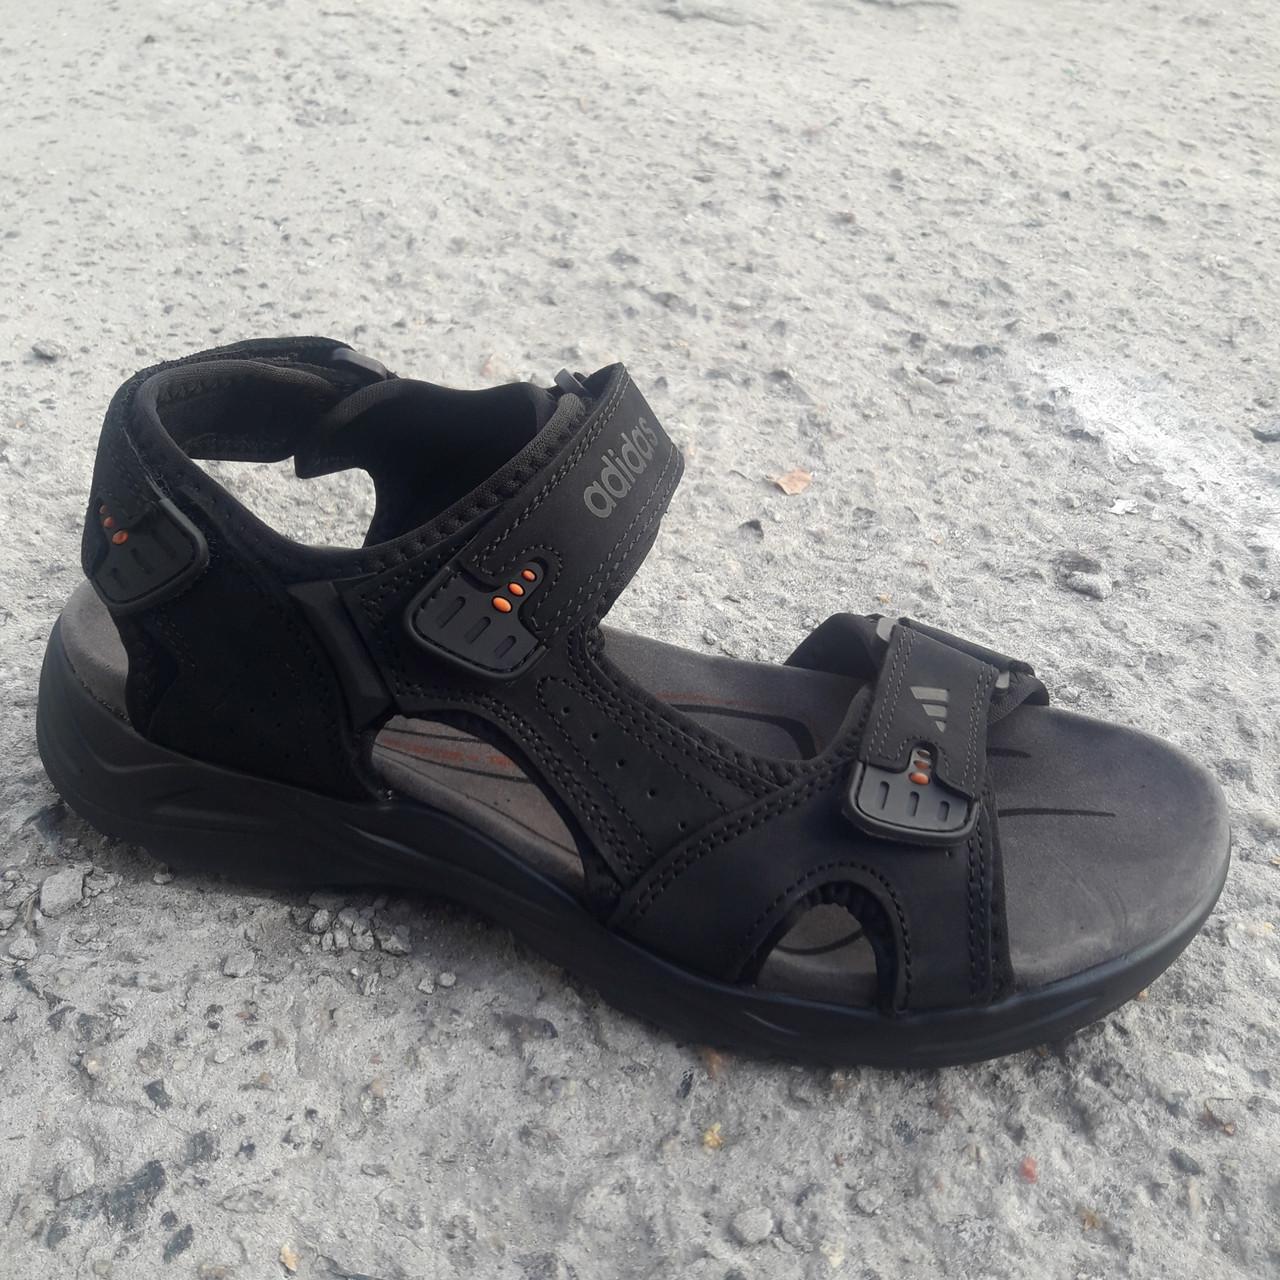 Сандалии мужские кожаные р.41 чёрные Adidas